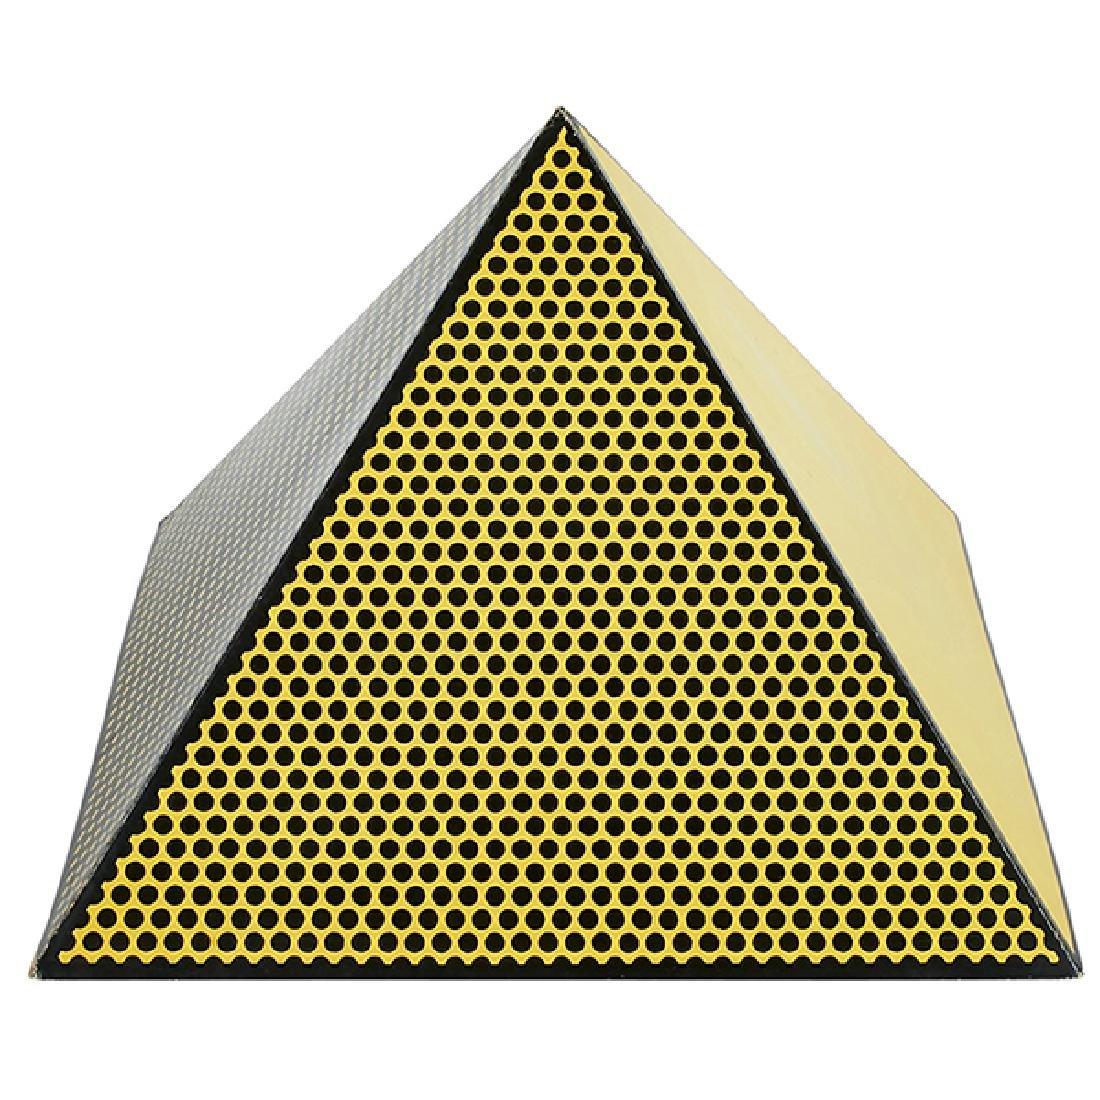 Roy Lichtenstein, (American, 1923-1997), Pyramid, 1968,